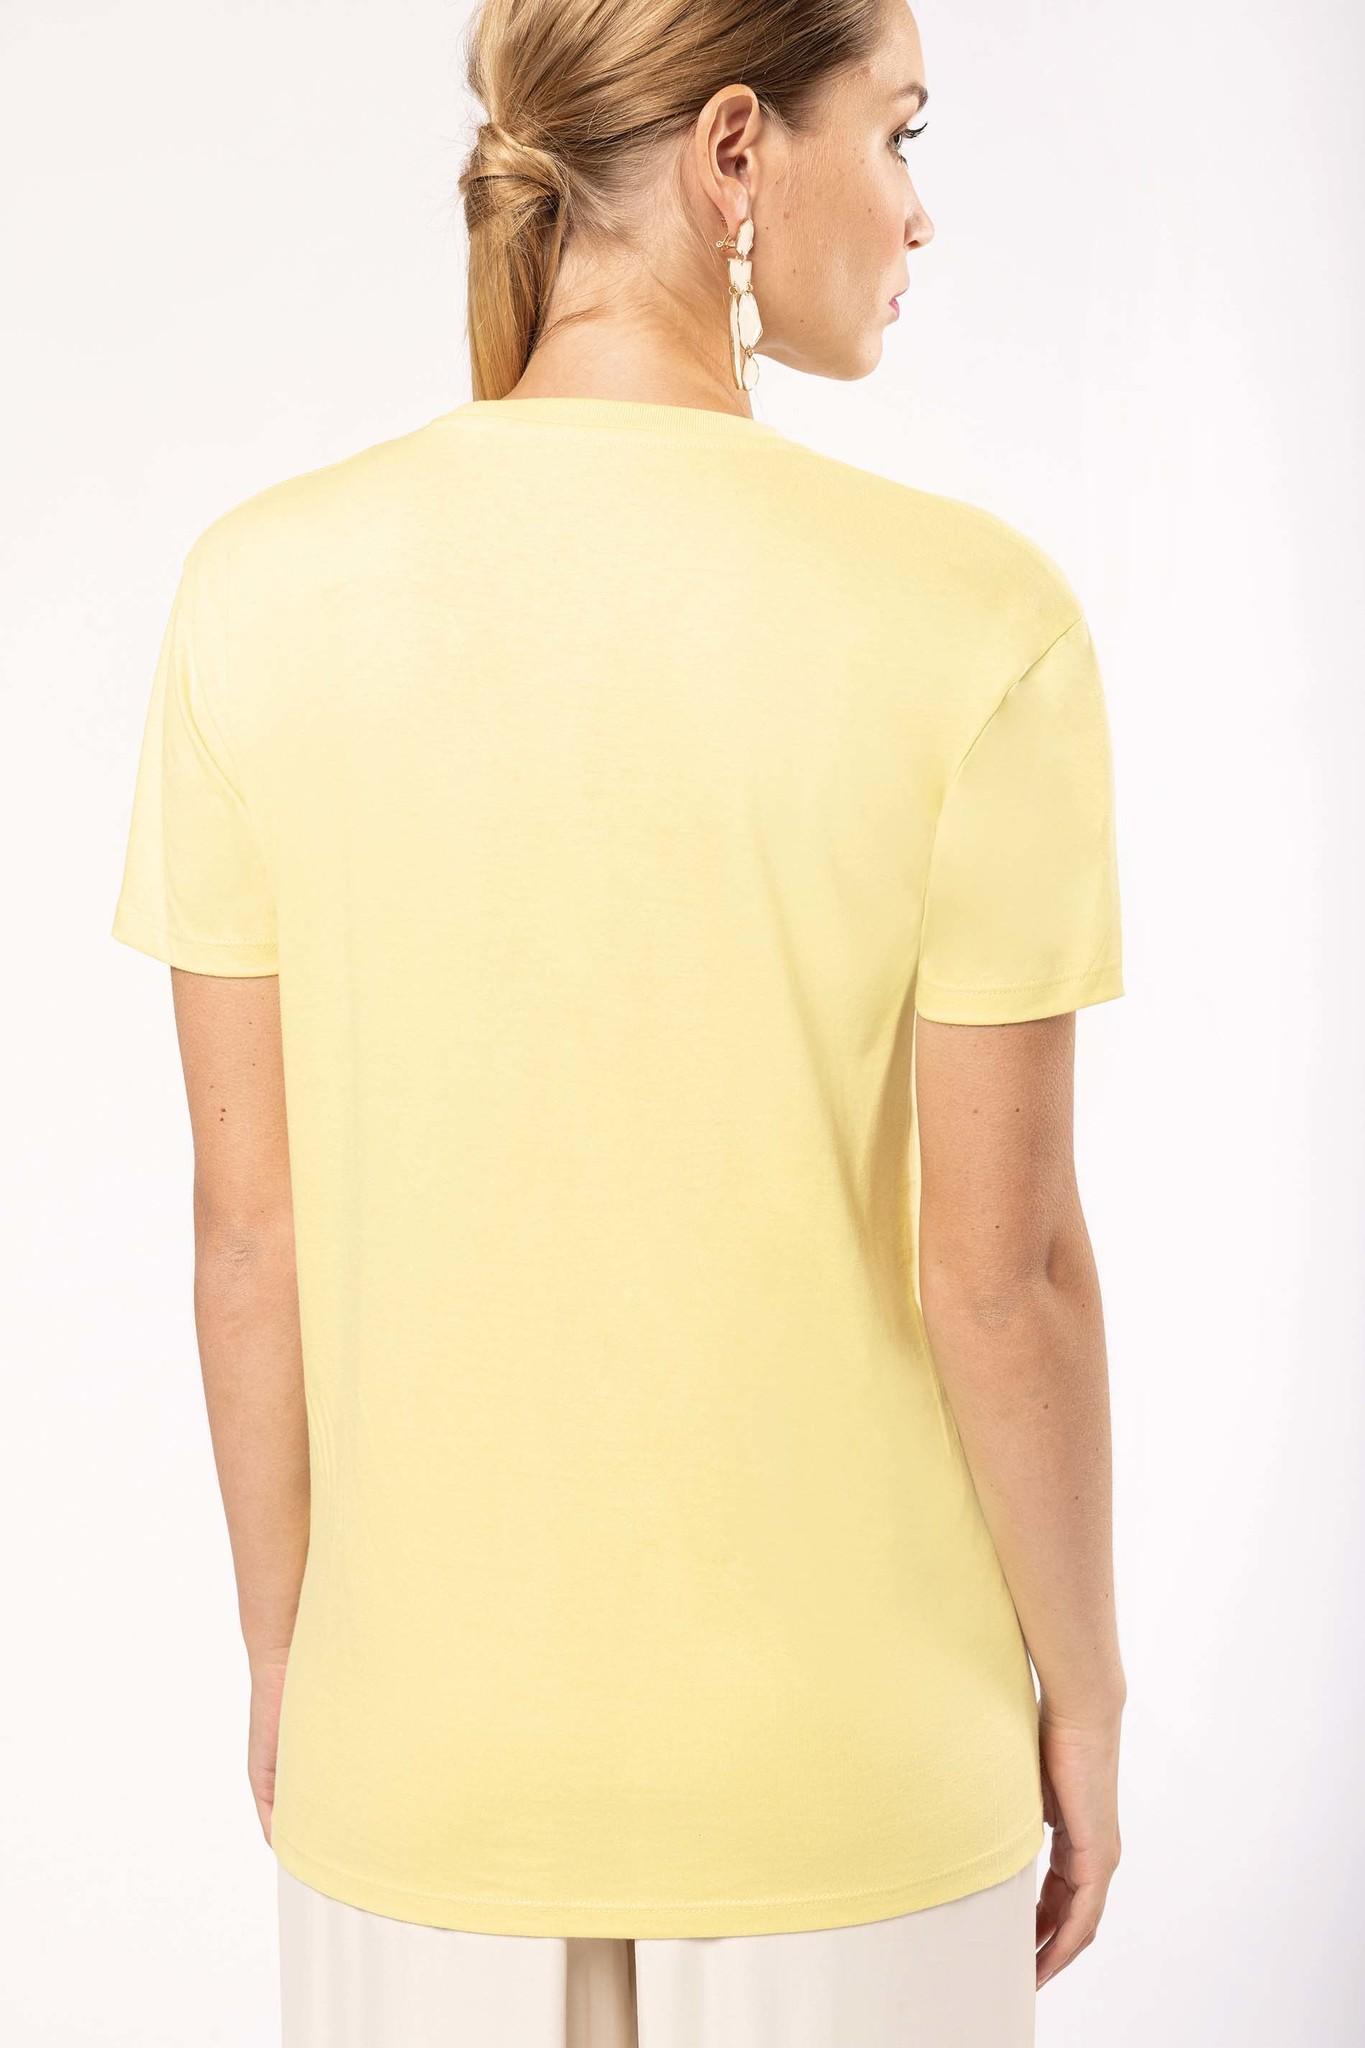 Eco-Friendly Unisex T-shirt - Cloudlyblue-Heather